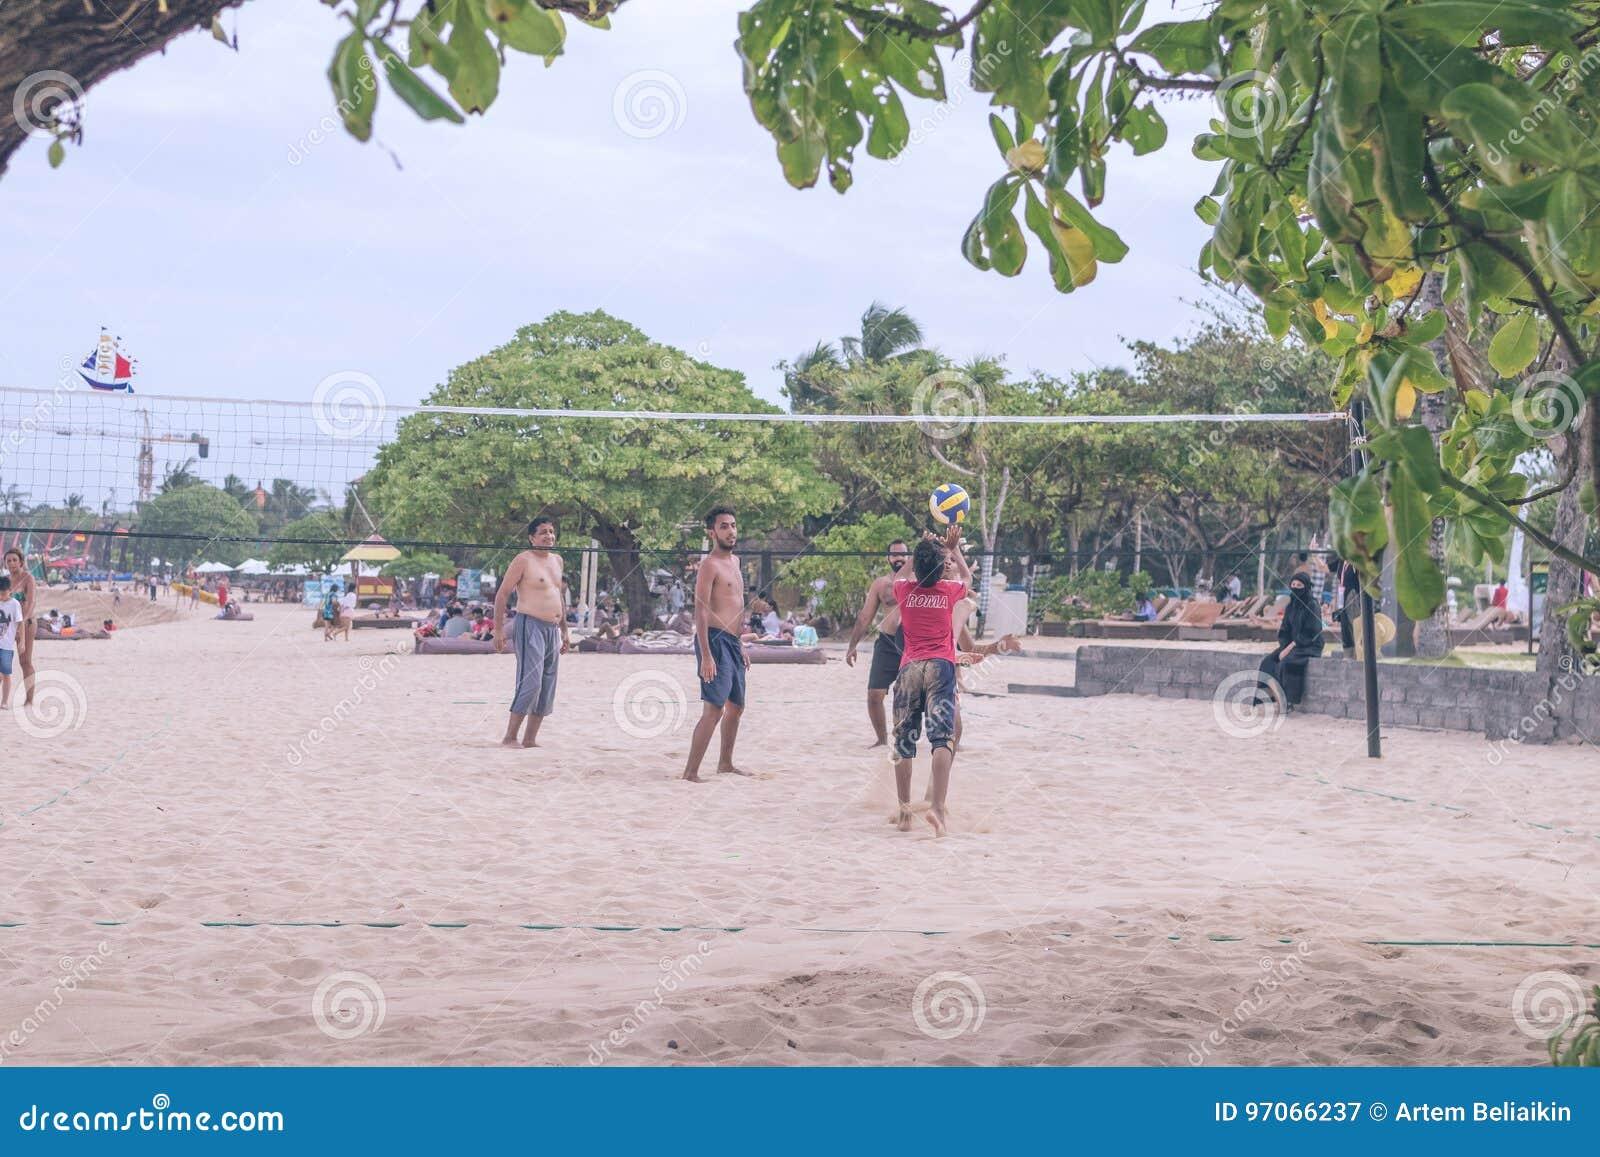 ΜΠΑΛΙ, ΙΝΔΟΝΗΣΙΑ - 27 ΙΟΥΛΊΟΥ 2017: Ομάδα φίλων που παίζουν volley παραλιών - ομάδα ανθρώπων πολυ-ηθικής που έχει τη διασκέδαση